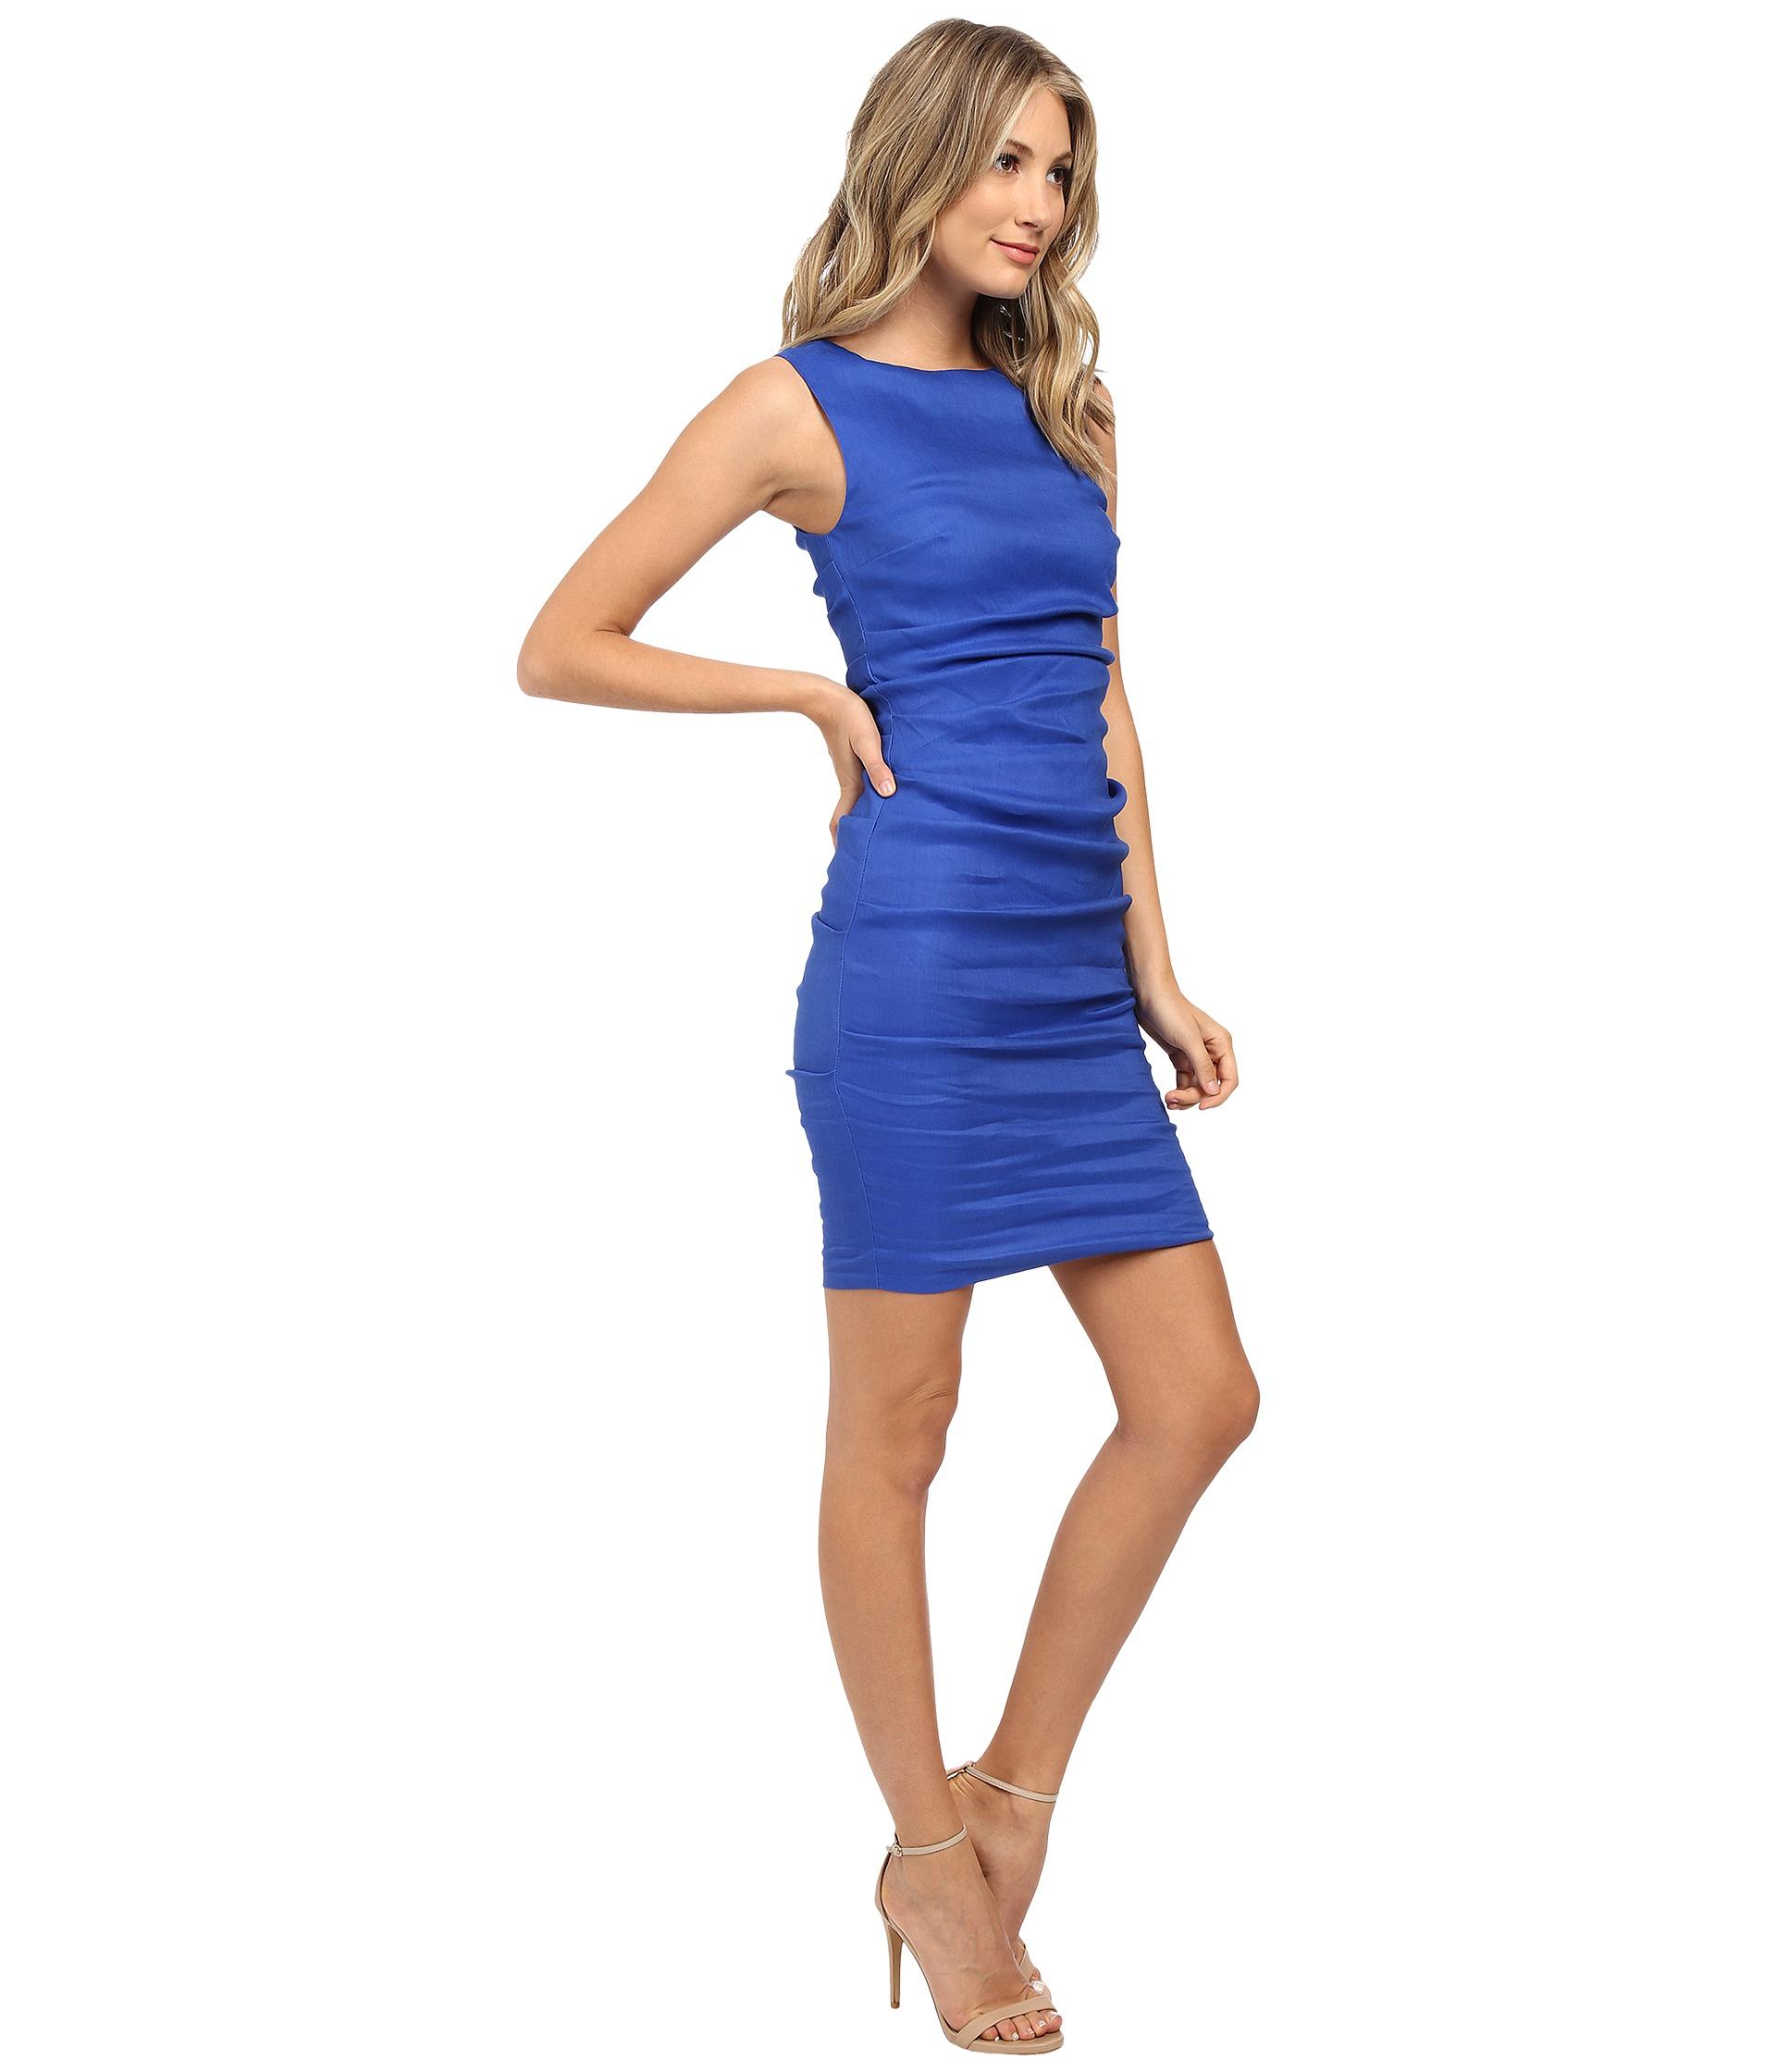 460f670e38 Lyst - Nicole Miller Lauren Stretch Linen Dress in Blue